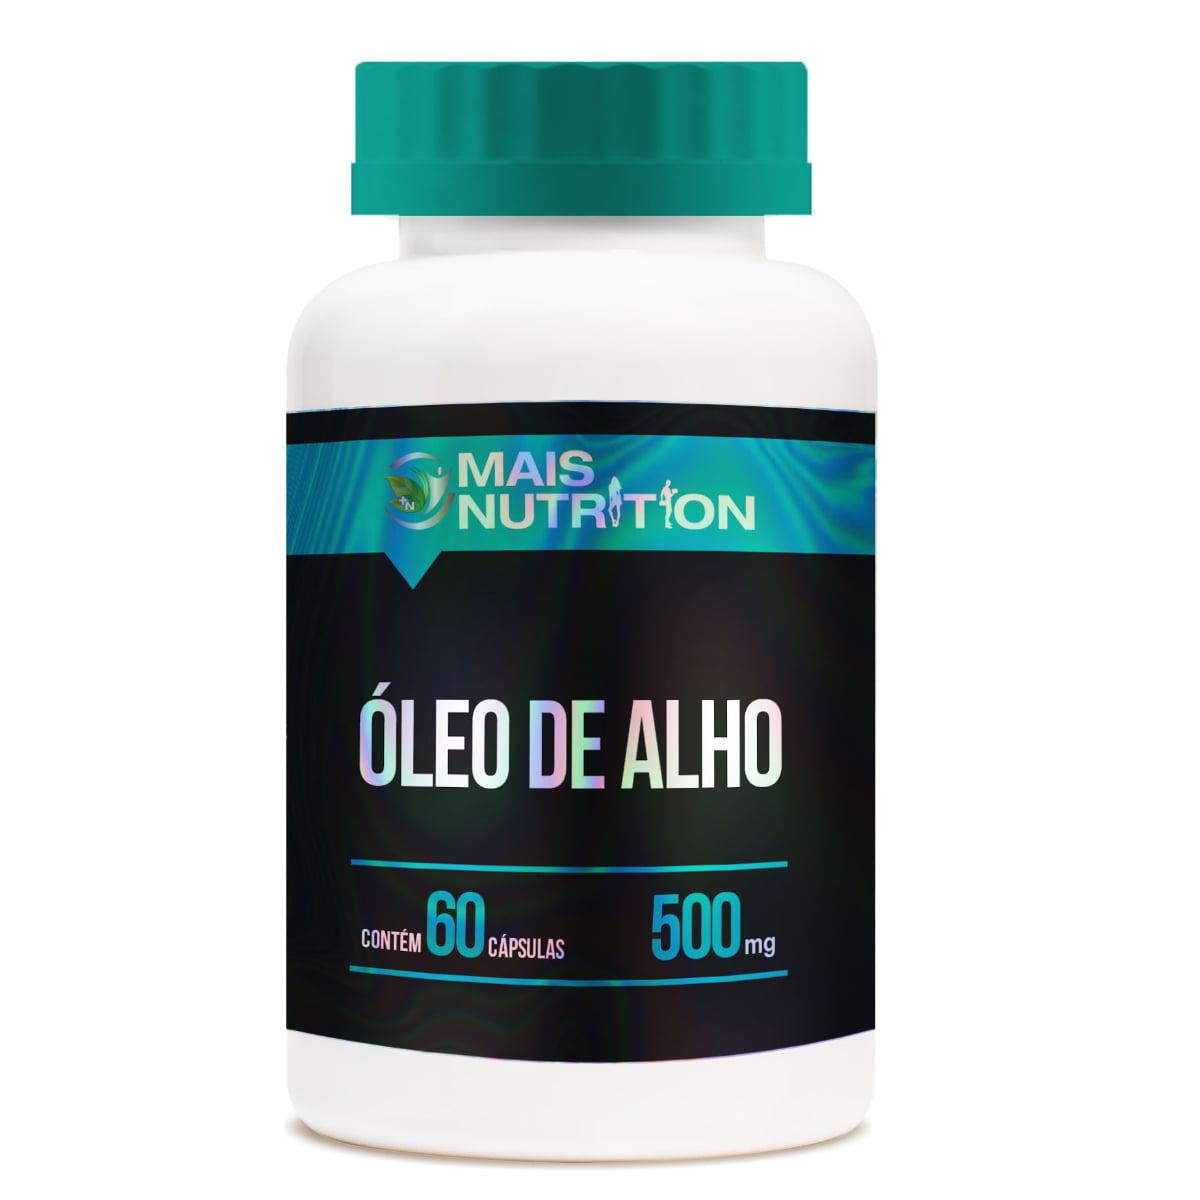 Oleo de Alho 500mg 60 capsulas Mais Nutrition